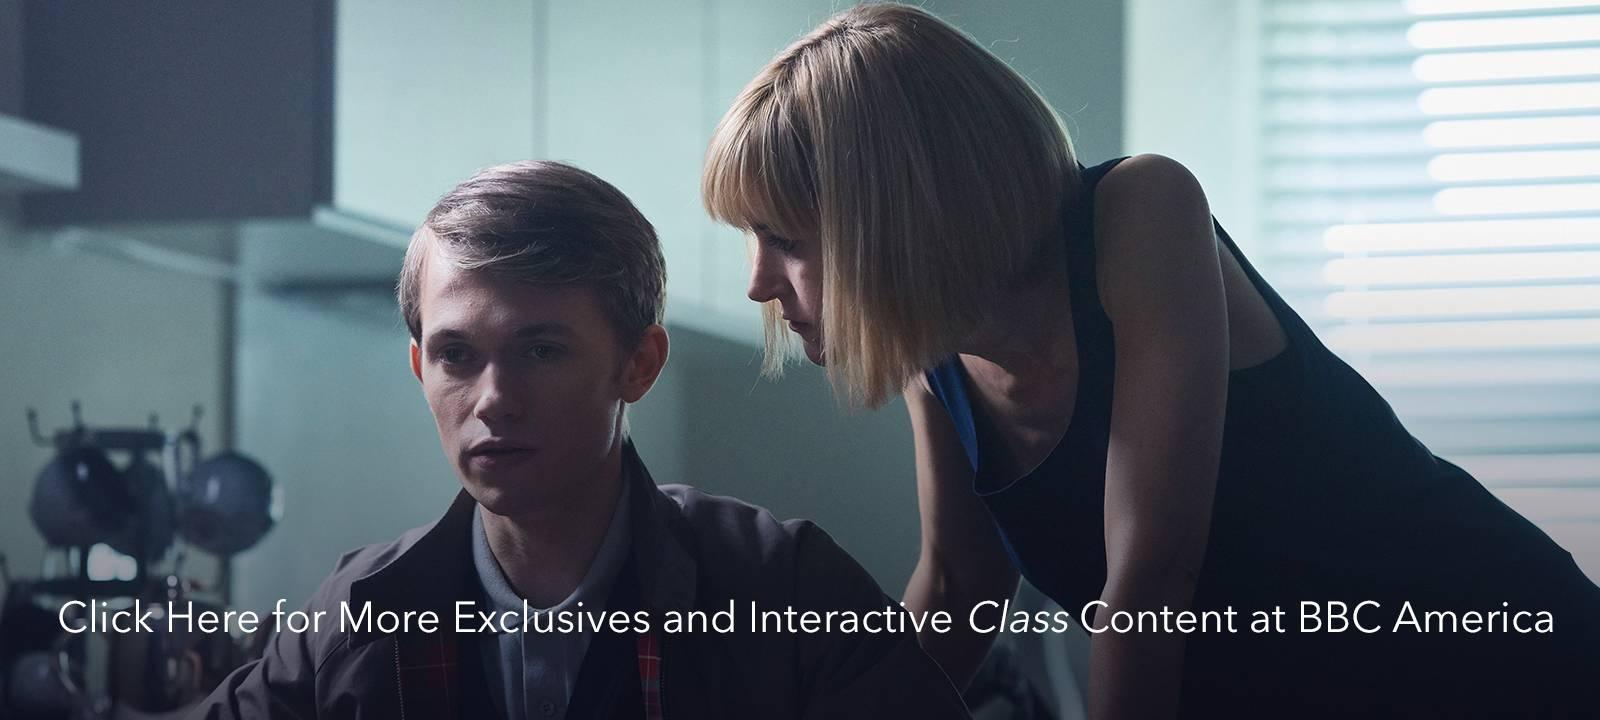 bbca-class-content-800×600